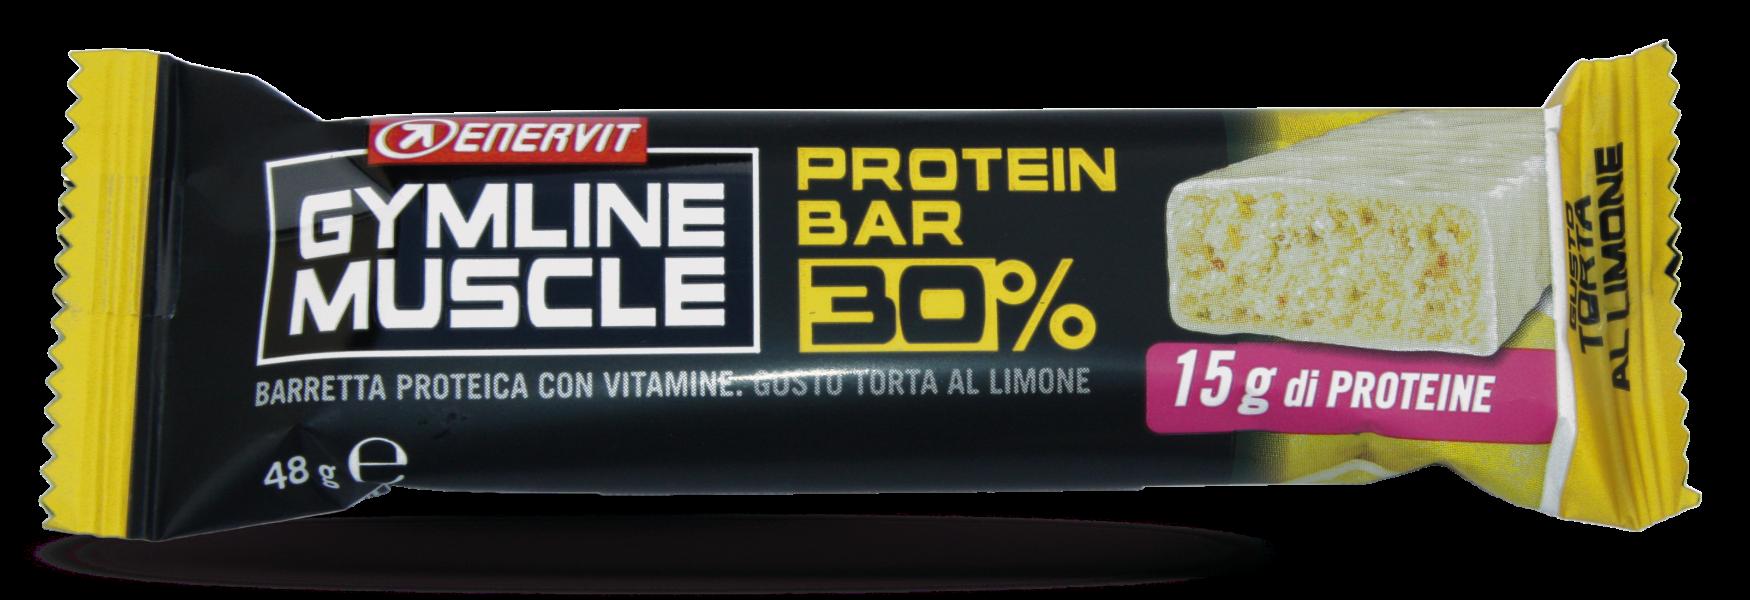 Enervit Gymline protein bar 30% citron 48g